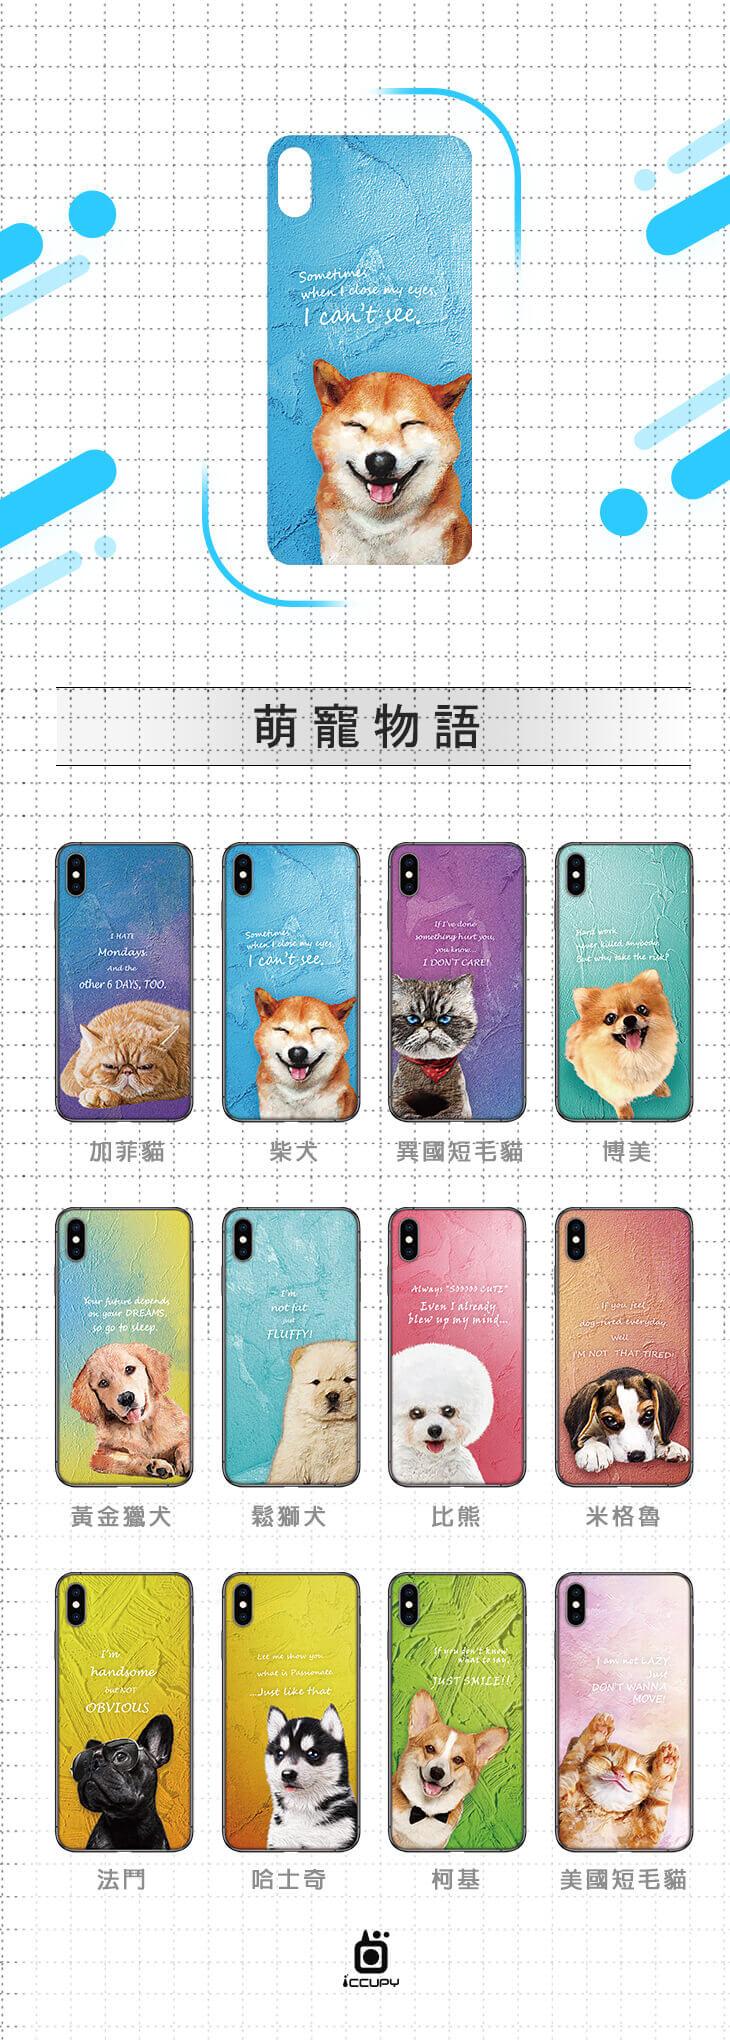 刁膜DiaoMore萌寵物語柴犬圖案手機包膜